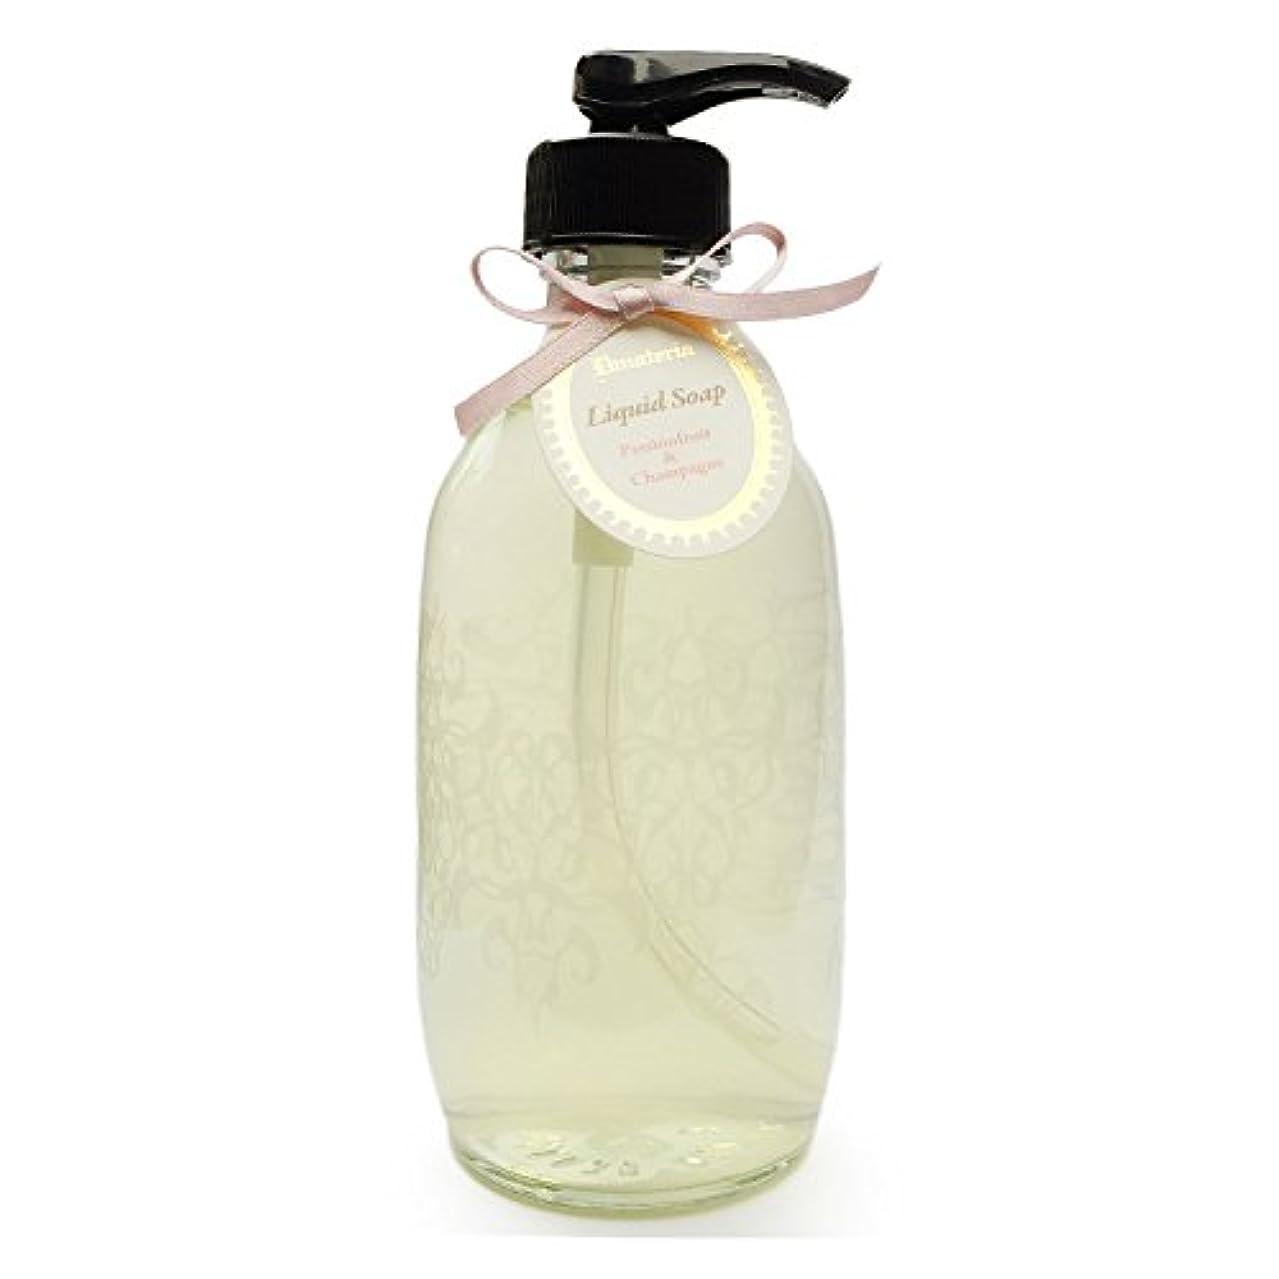 包括的卒業記念アルバムキラウエア山D materia リキッドソープ パッションフルーツ&シャンパン Passionfruit&Champagne Liquid Soap ディーマテリア